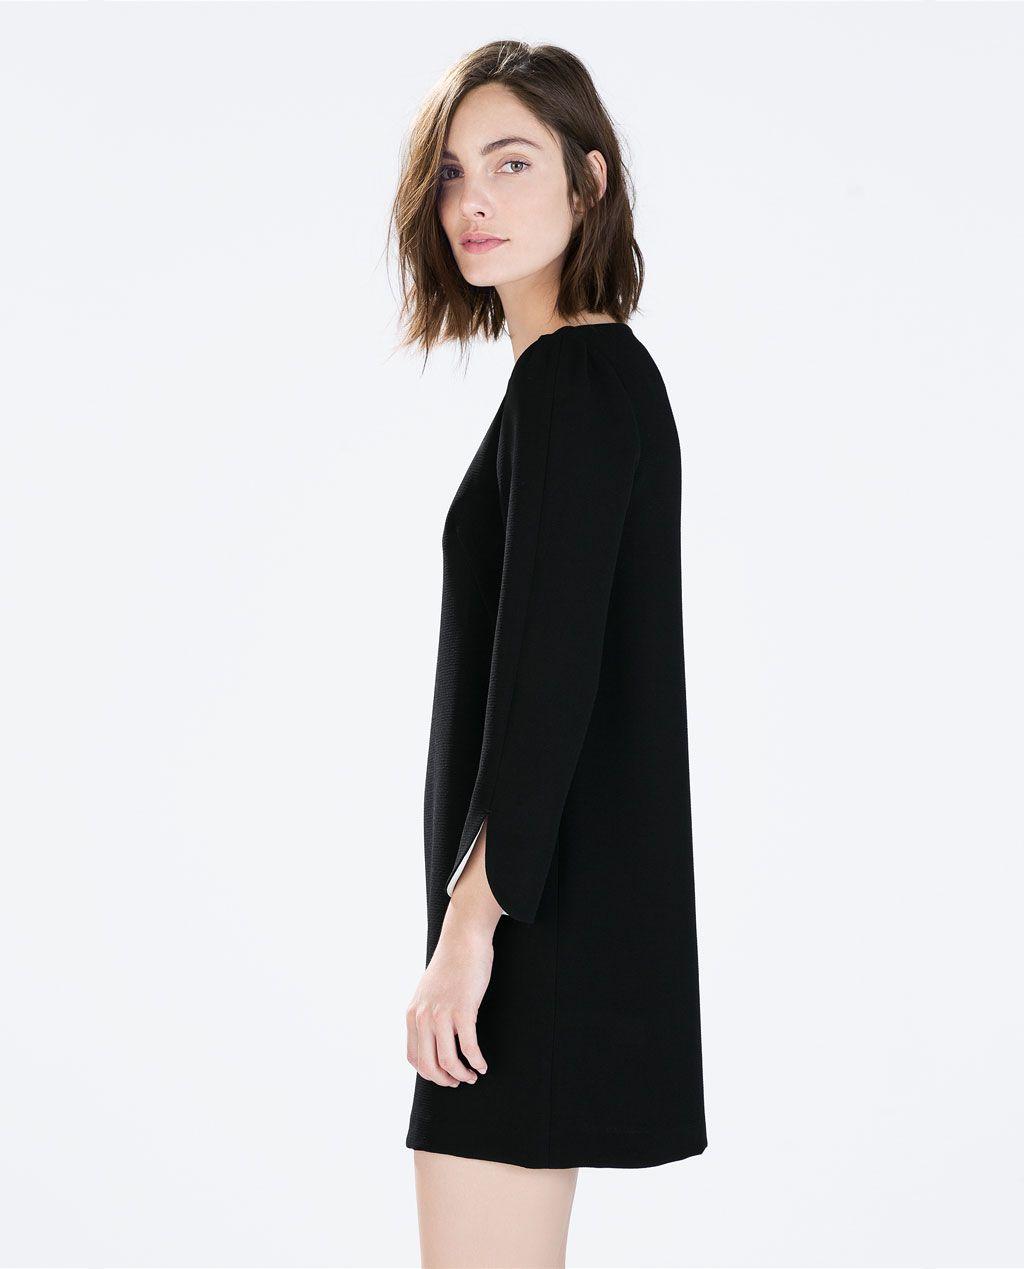 barato para descuento Precio reducido diseño exquisito Imagen 1 de VESTIDO SACO de Zara   Fashion, Dresses with vans, Women